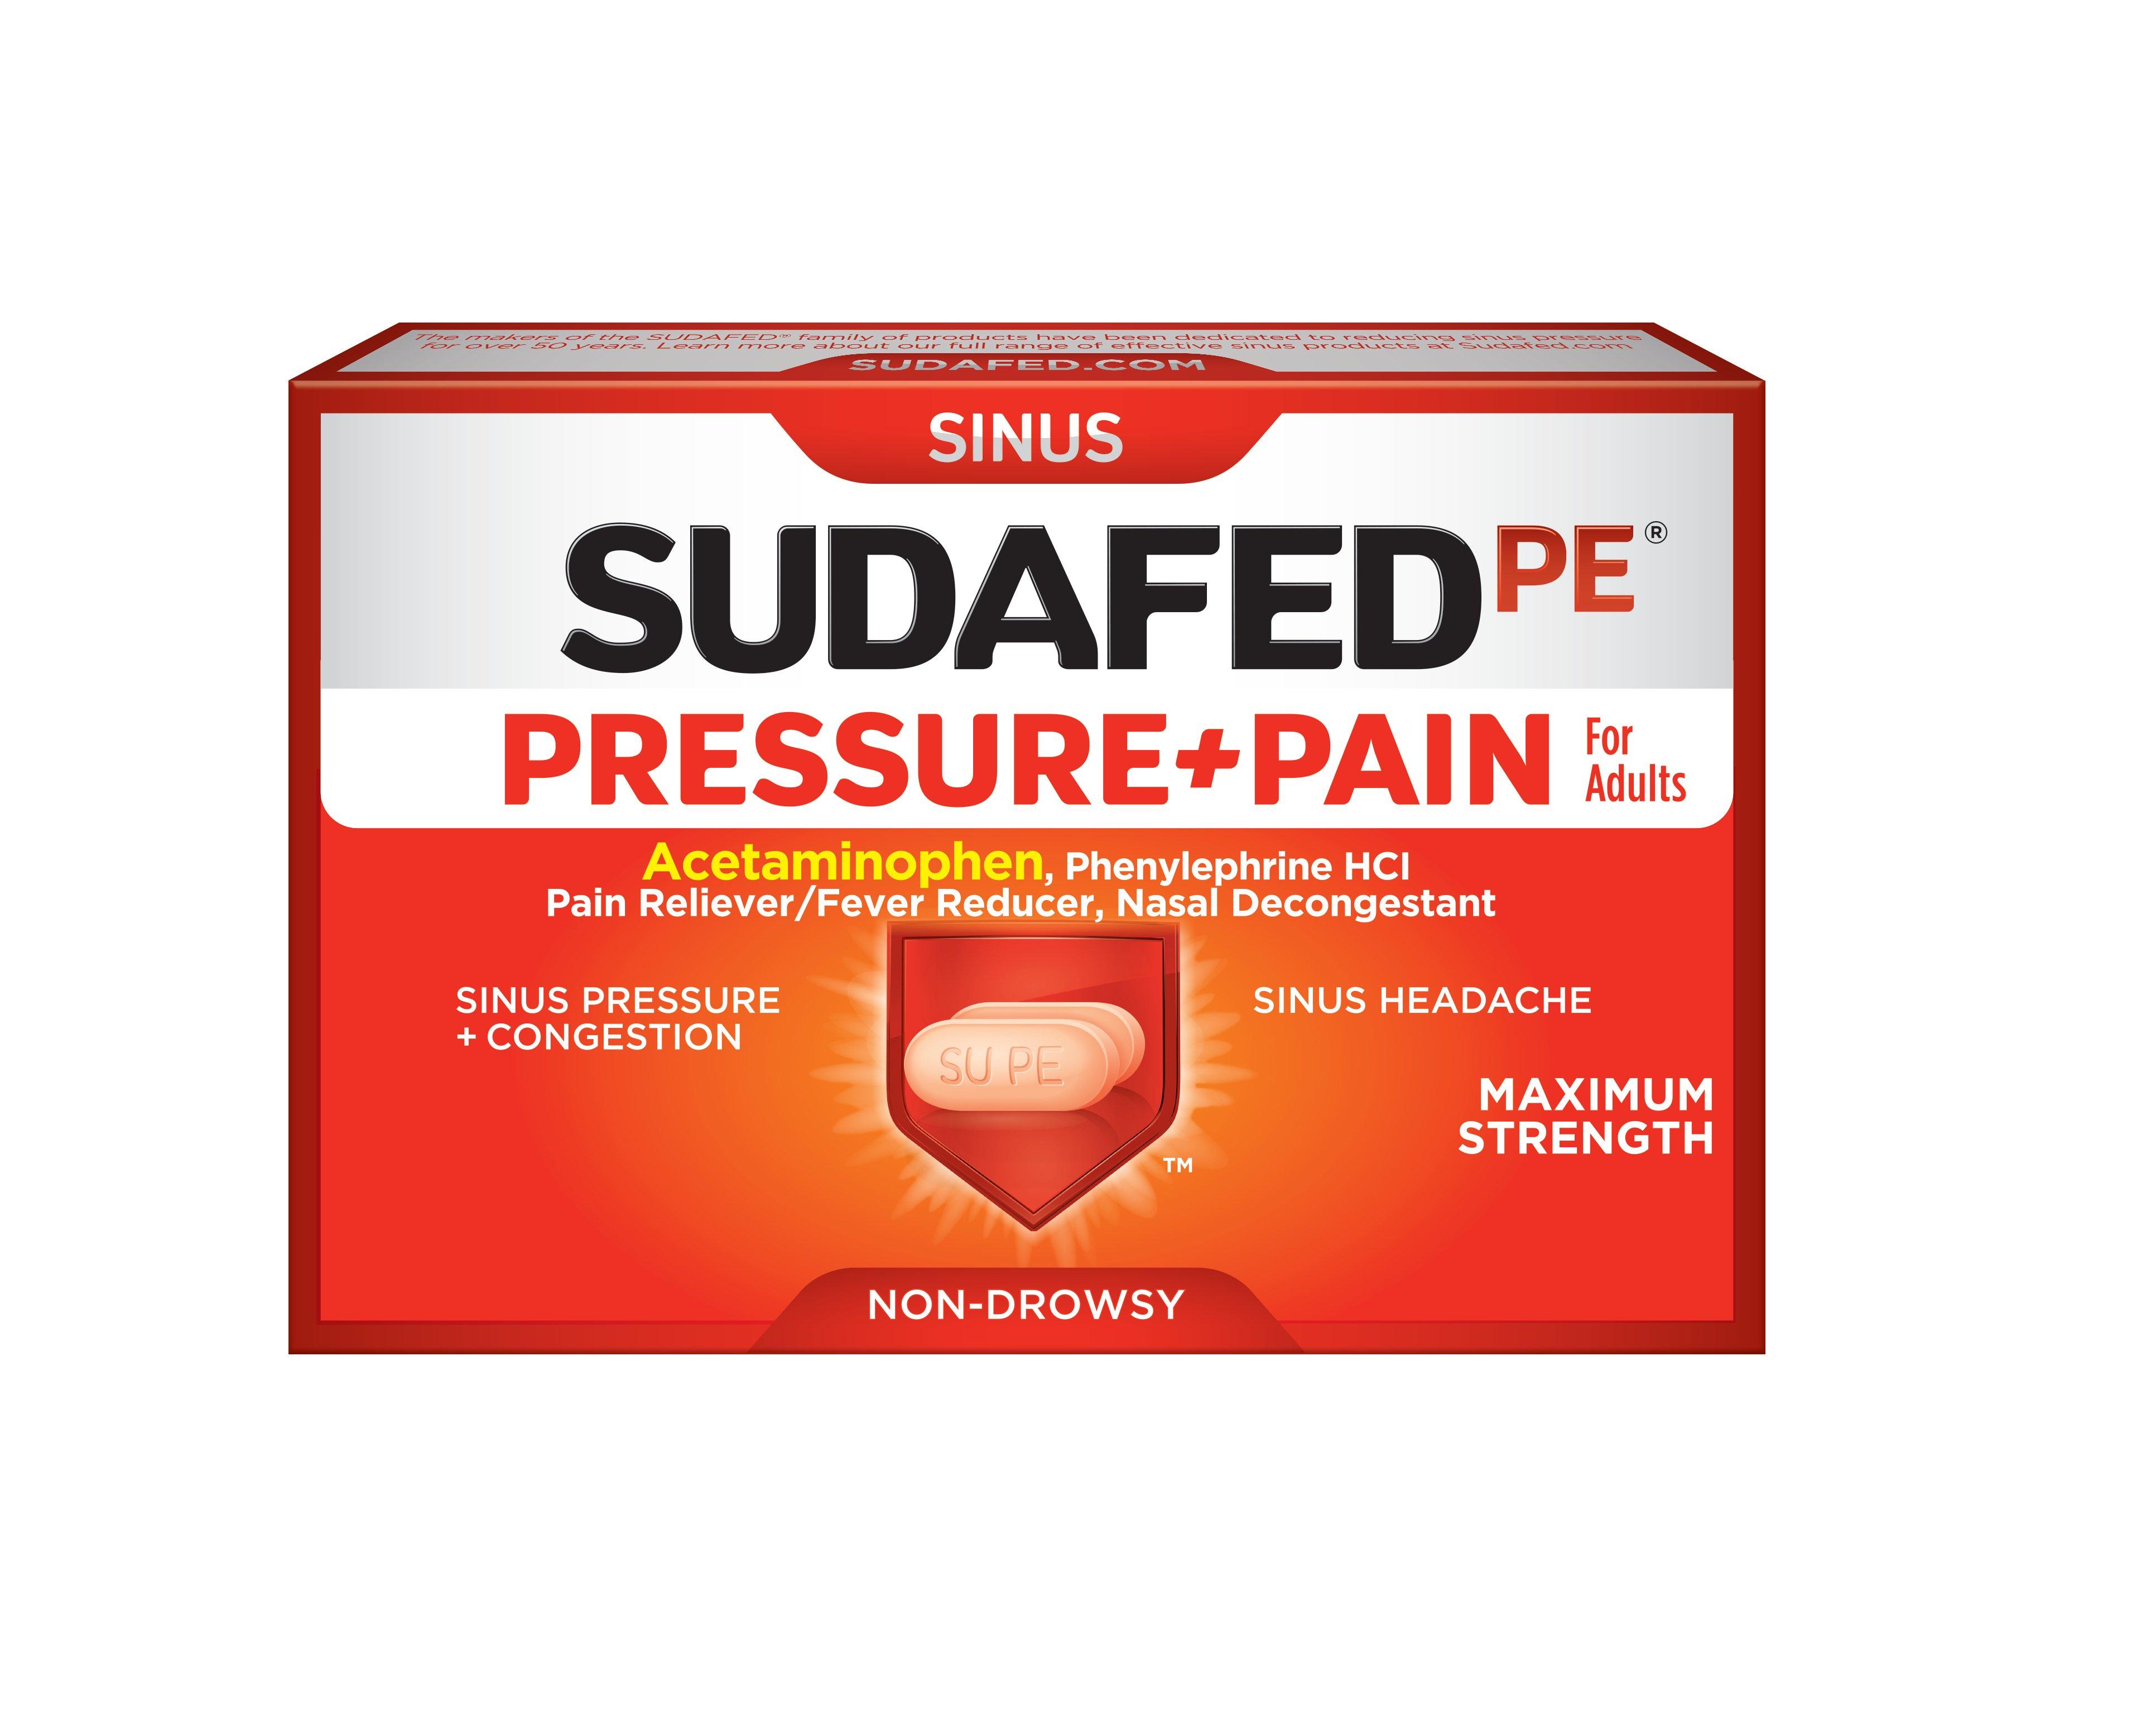 SUDAFED PE® PRESSURE+PAIN